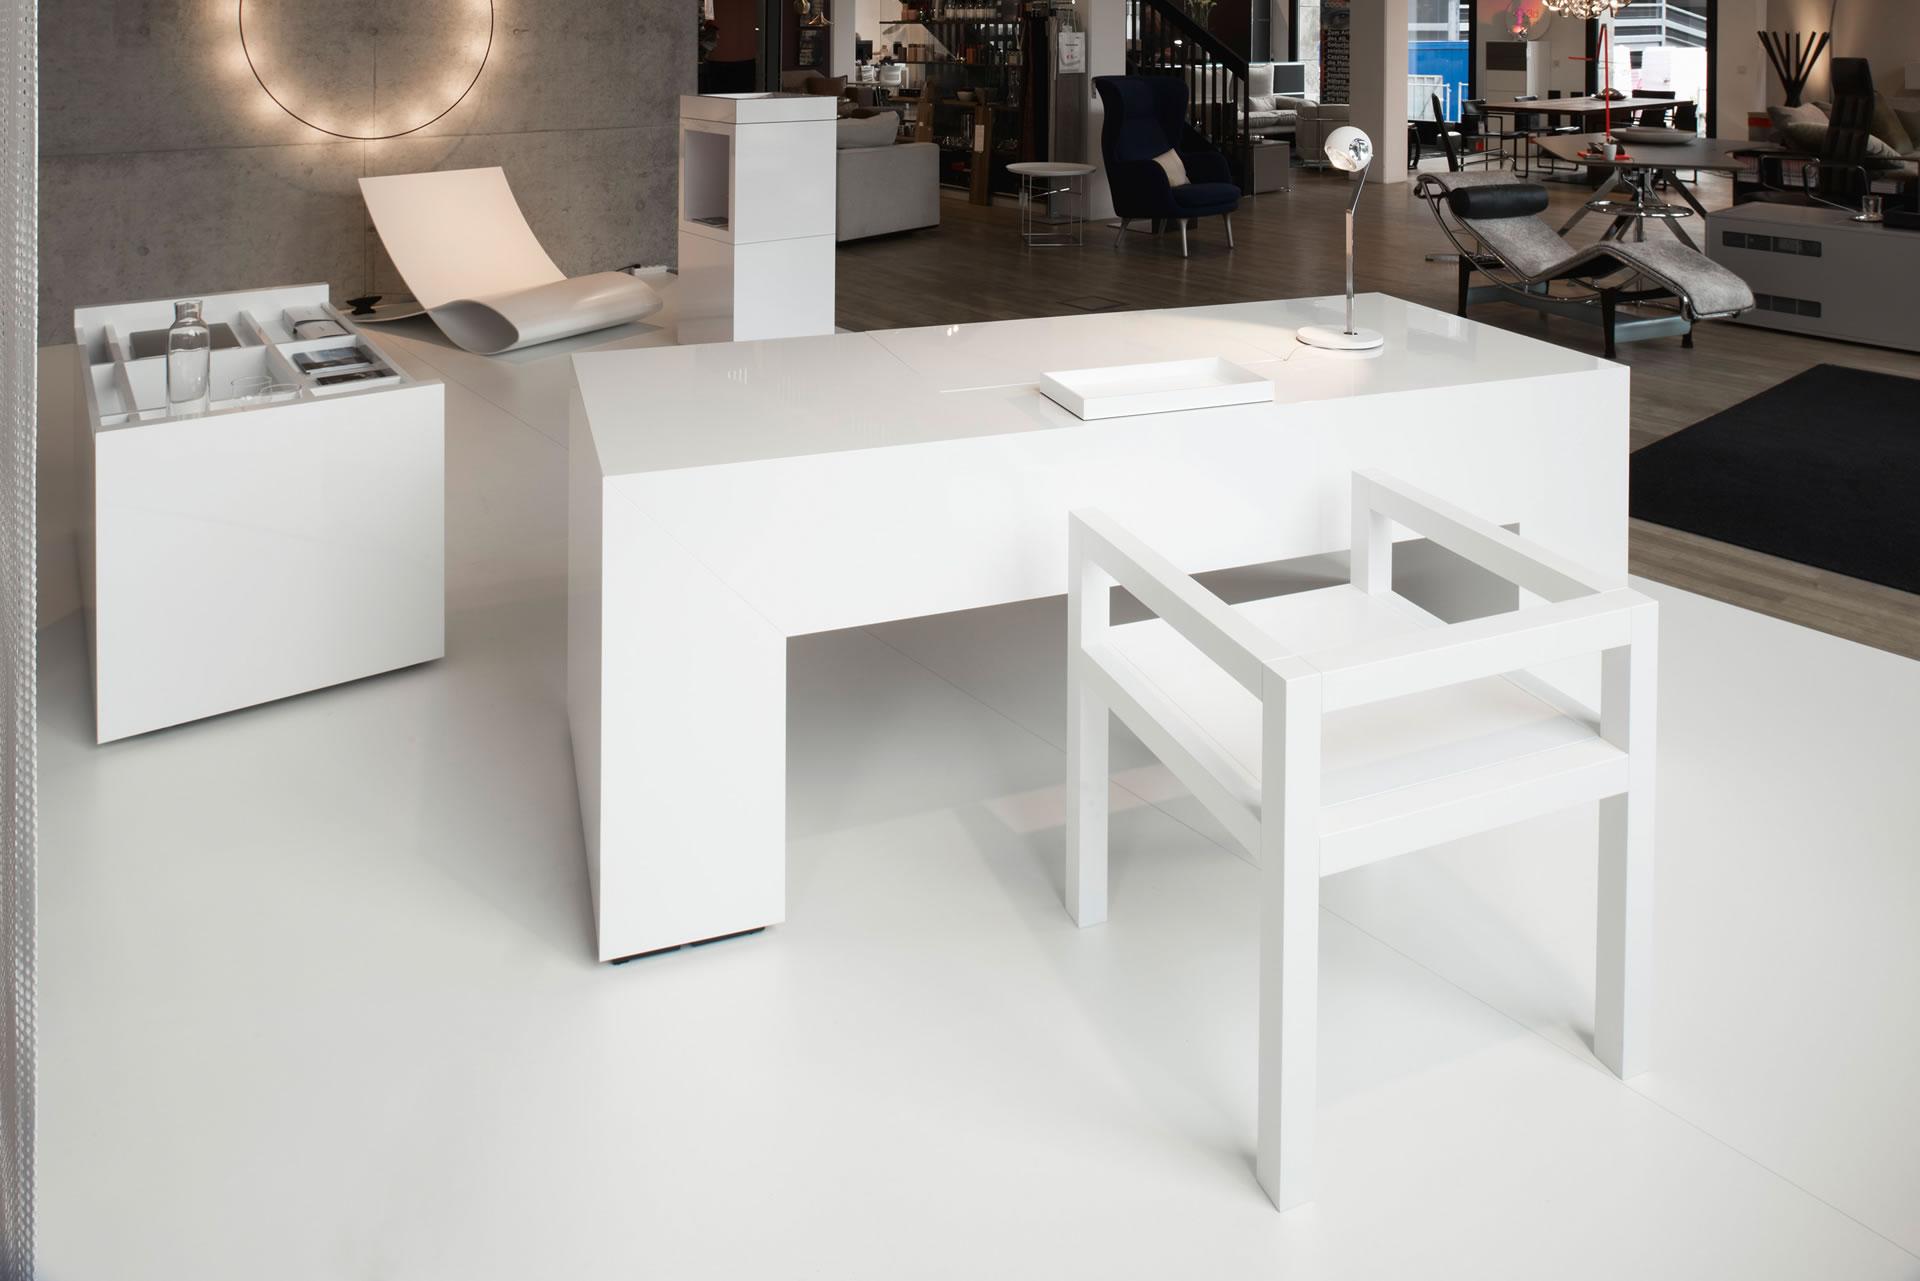 schreibtisch commentor exklusiver schreibtisch von rechteck. Black Bedroom Furniture Sets. Home Design Ideas